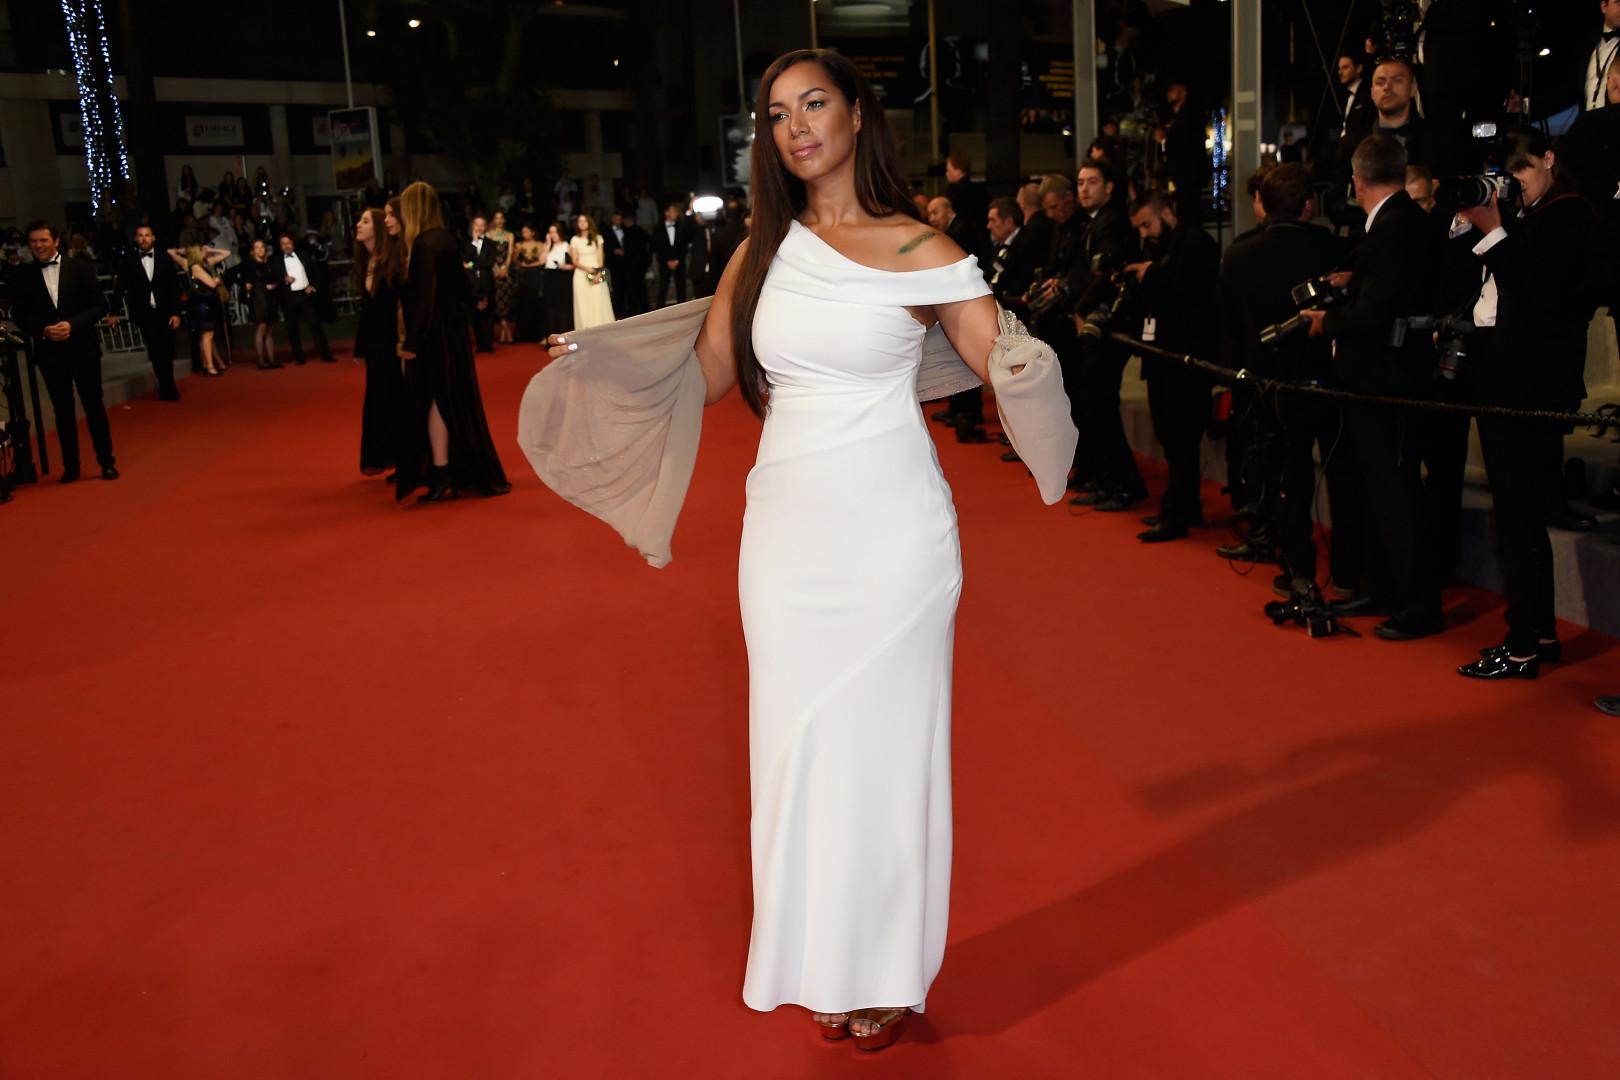 Leona Lewis, la chanteuse britannique, a monté les marches lors du quatrième jour